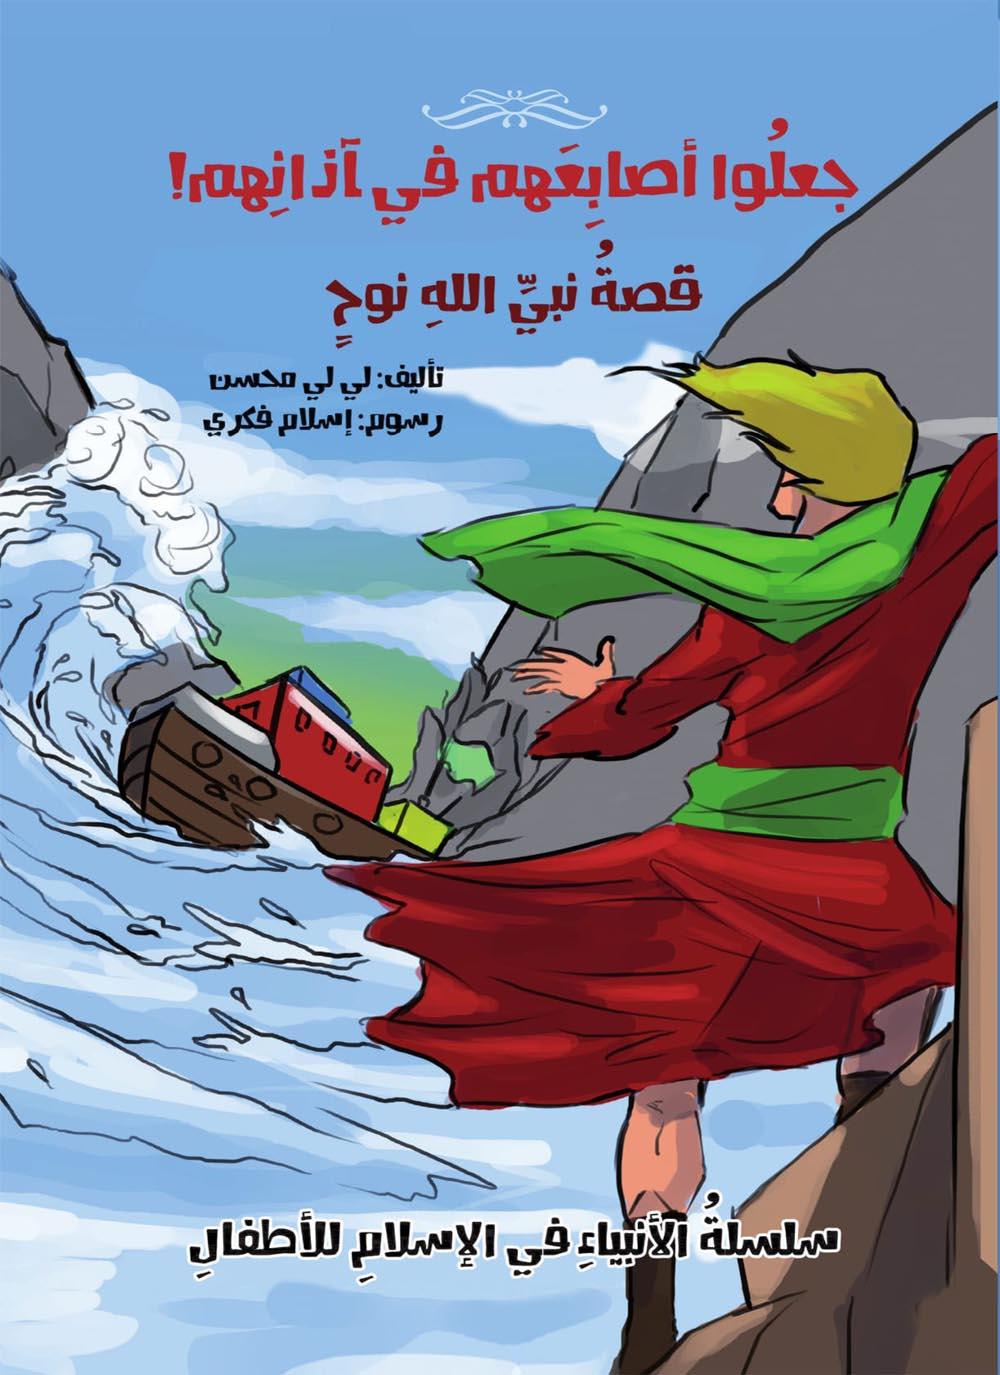 قصة النبي نوح قارئ جرير